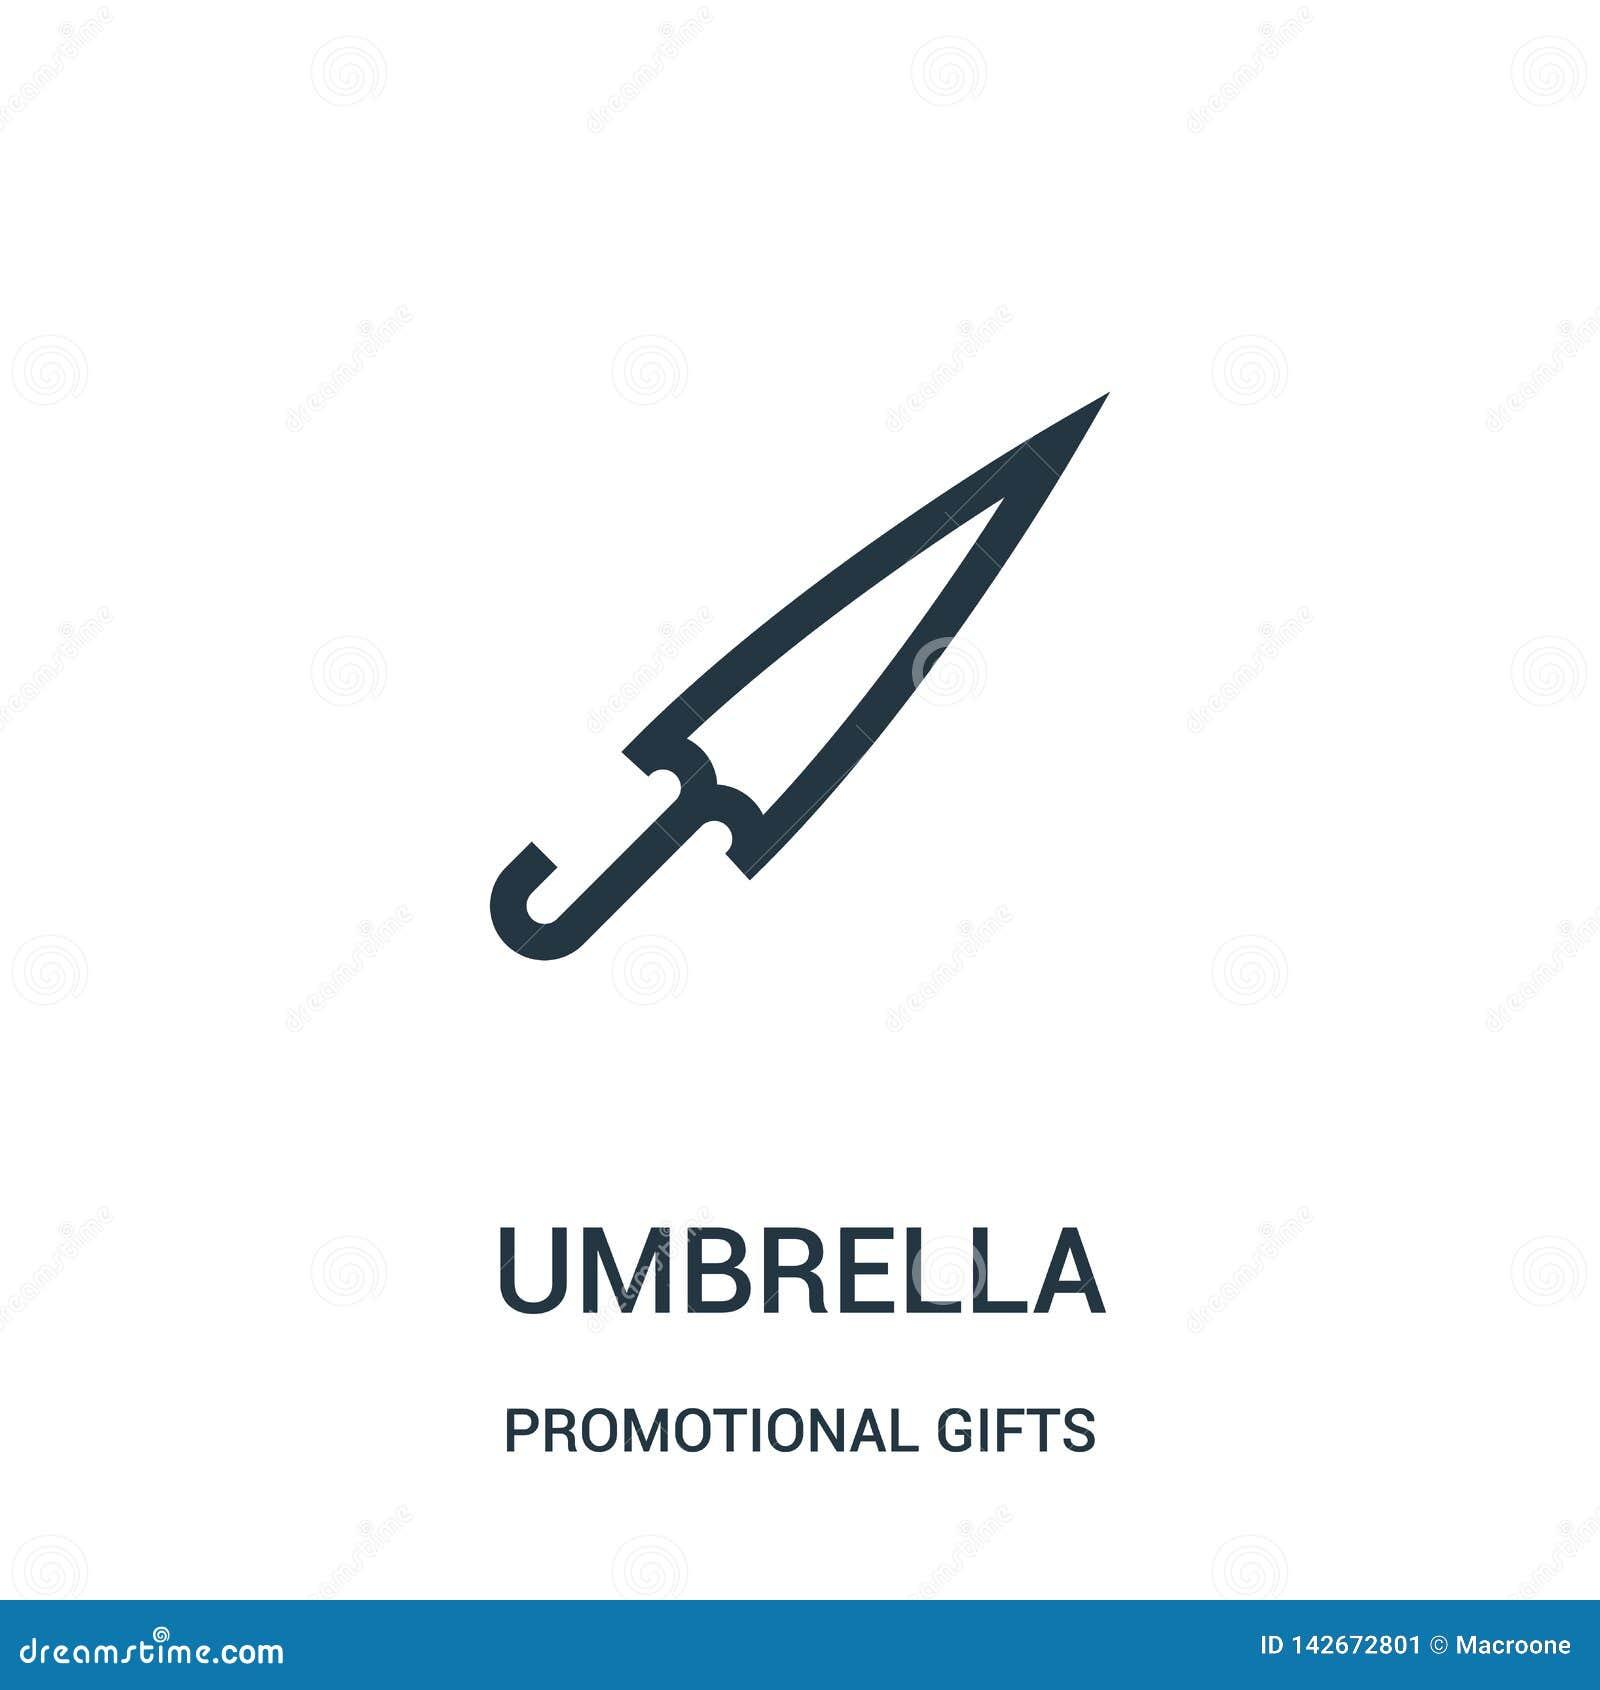 διάνυσμα εικονιδίων ομπρελών από την προωθητική συλλογή δώρων Λεπτή διανυσματική απεικόνιση εικονιδίων περιλήψεων ομπρελών γραμμώ